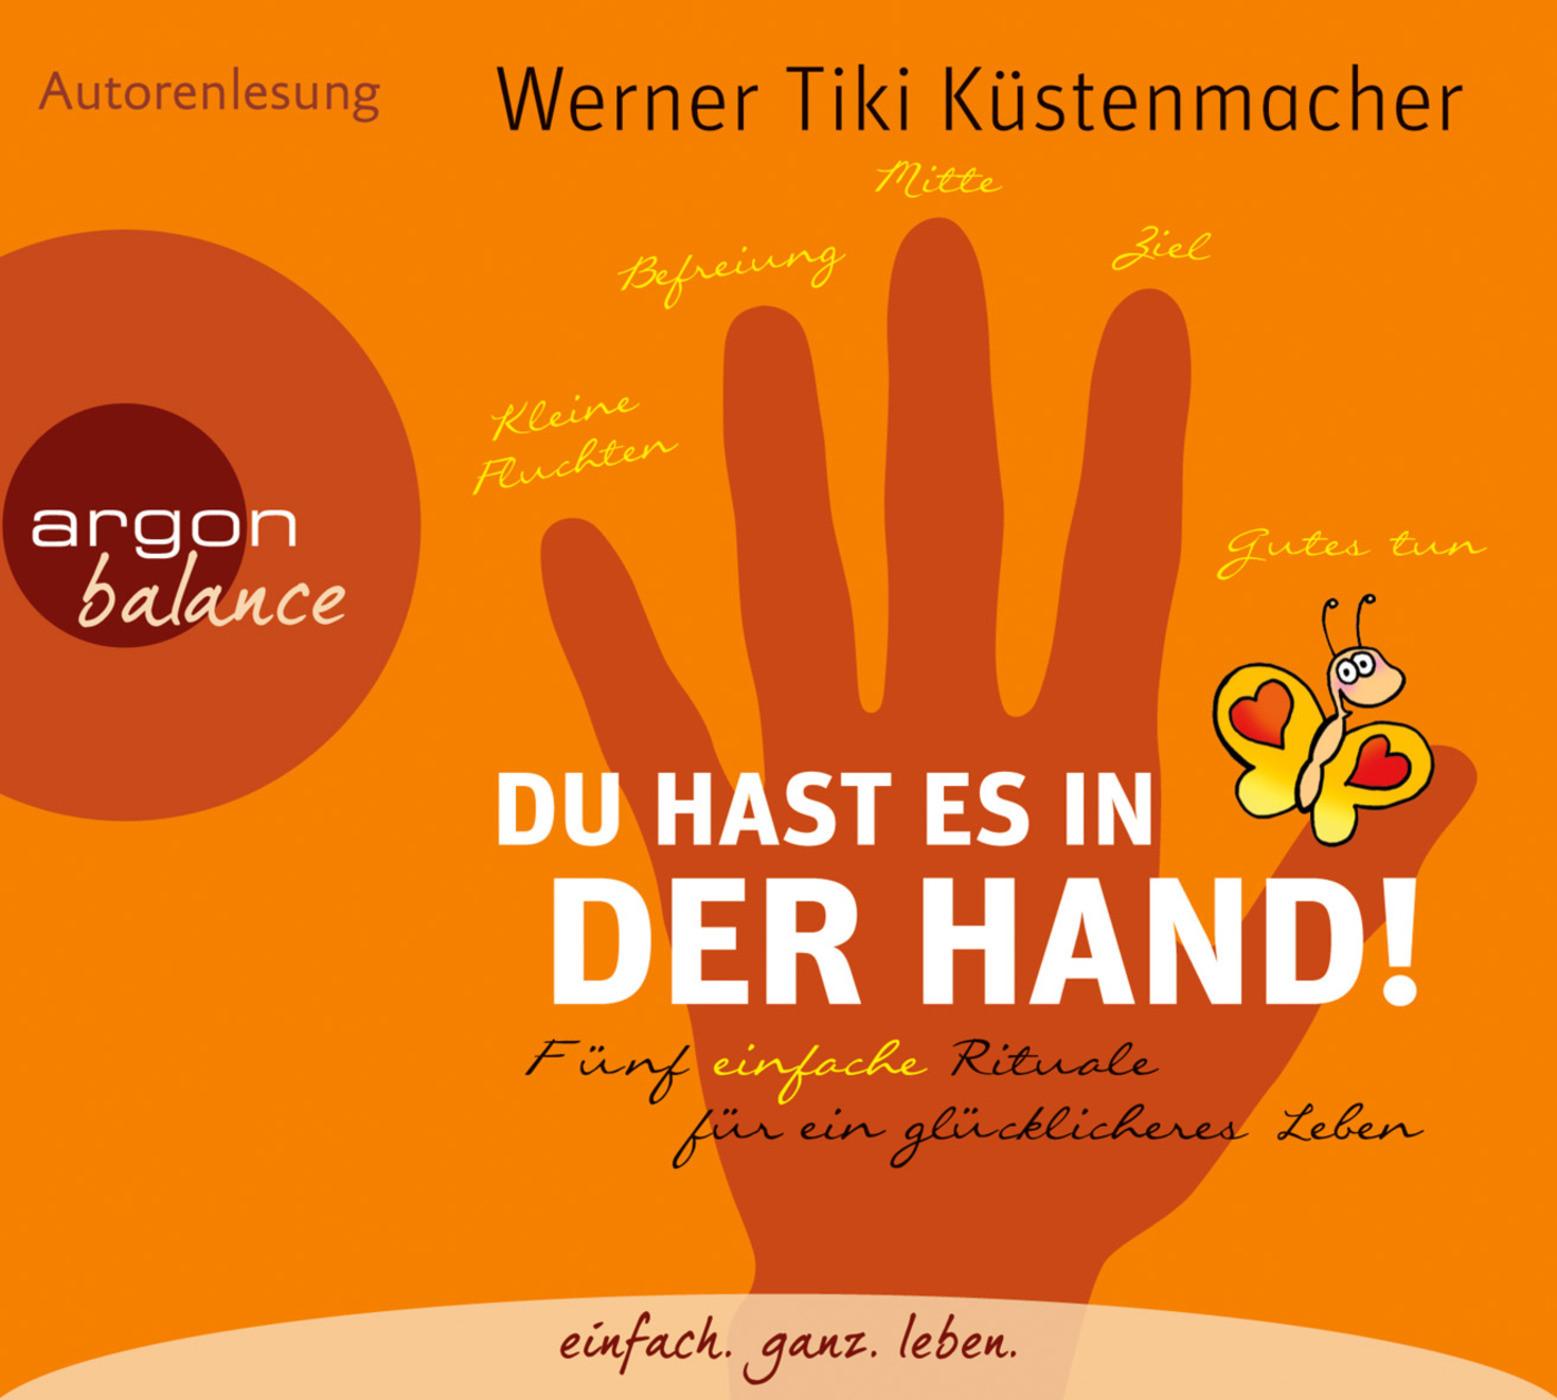 Werner Tiki Küstenmacher - Du hast es in der Hand